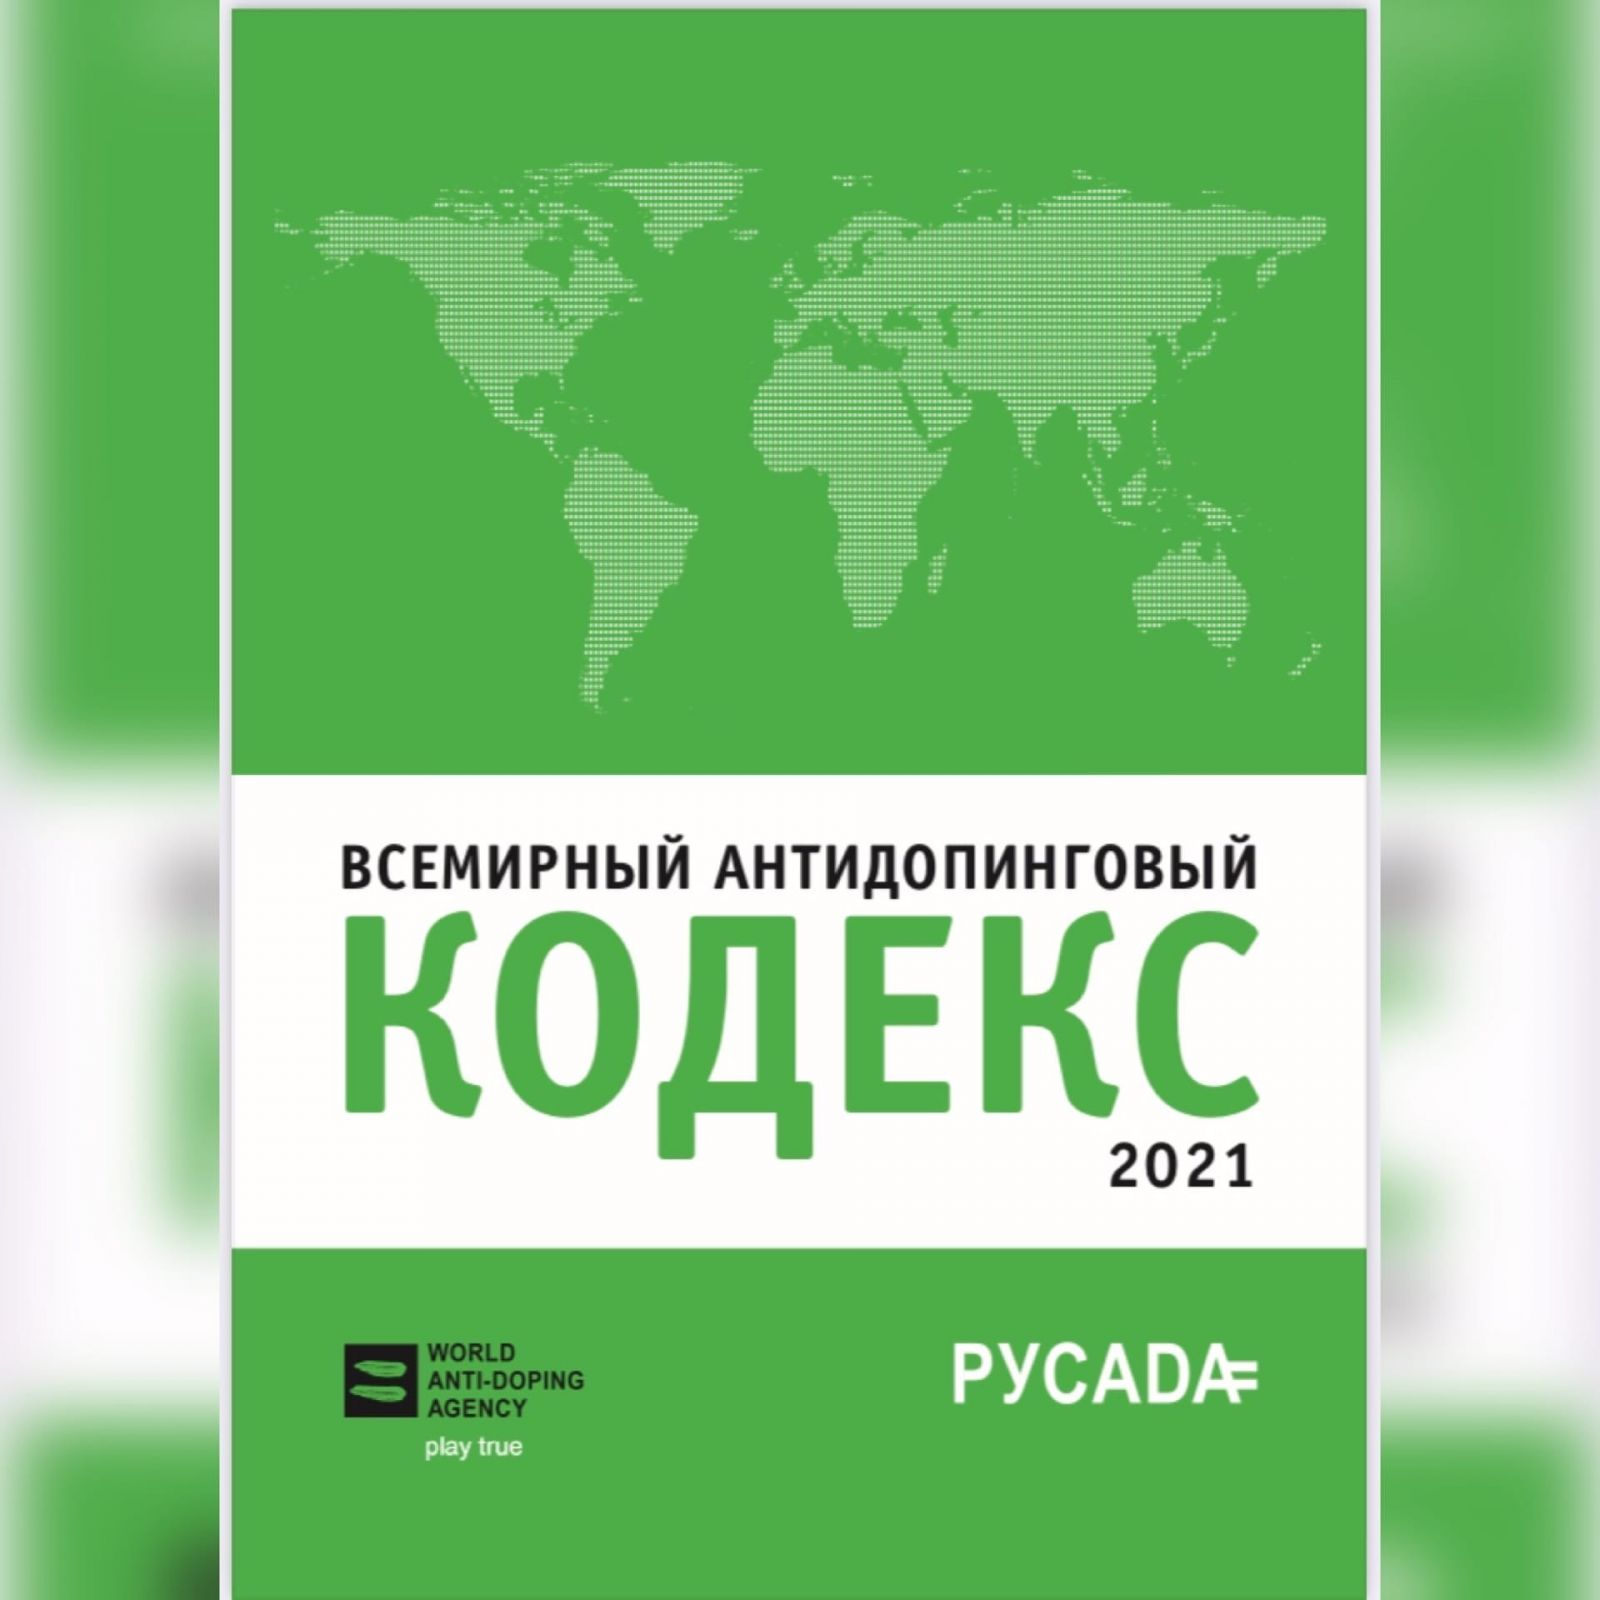 Новая редакция Всемирного антидопингового кодекса вступит в силу 1 января 2021 года